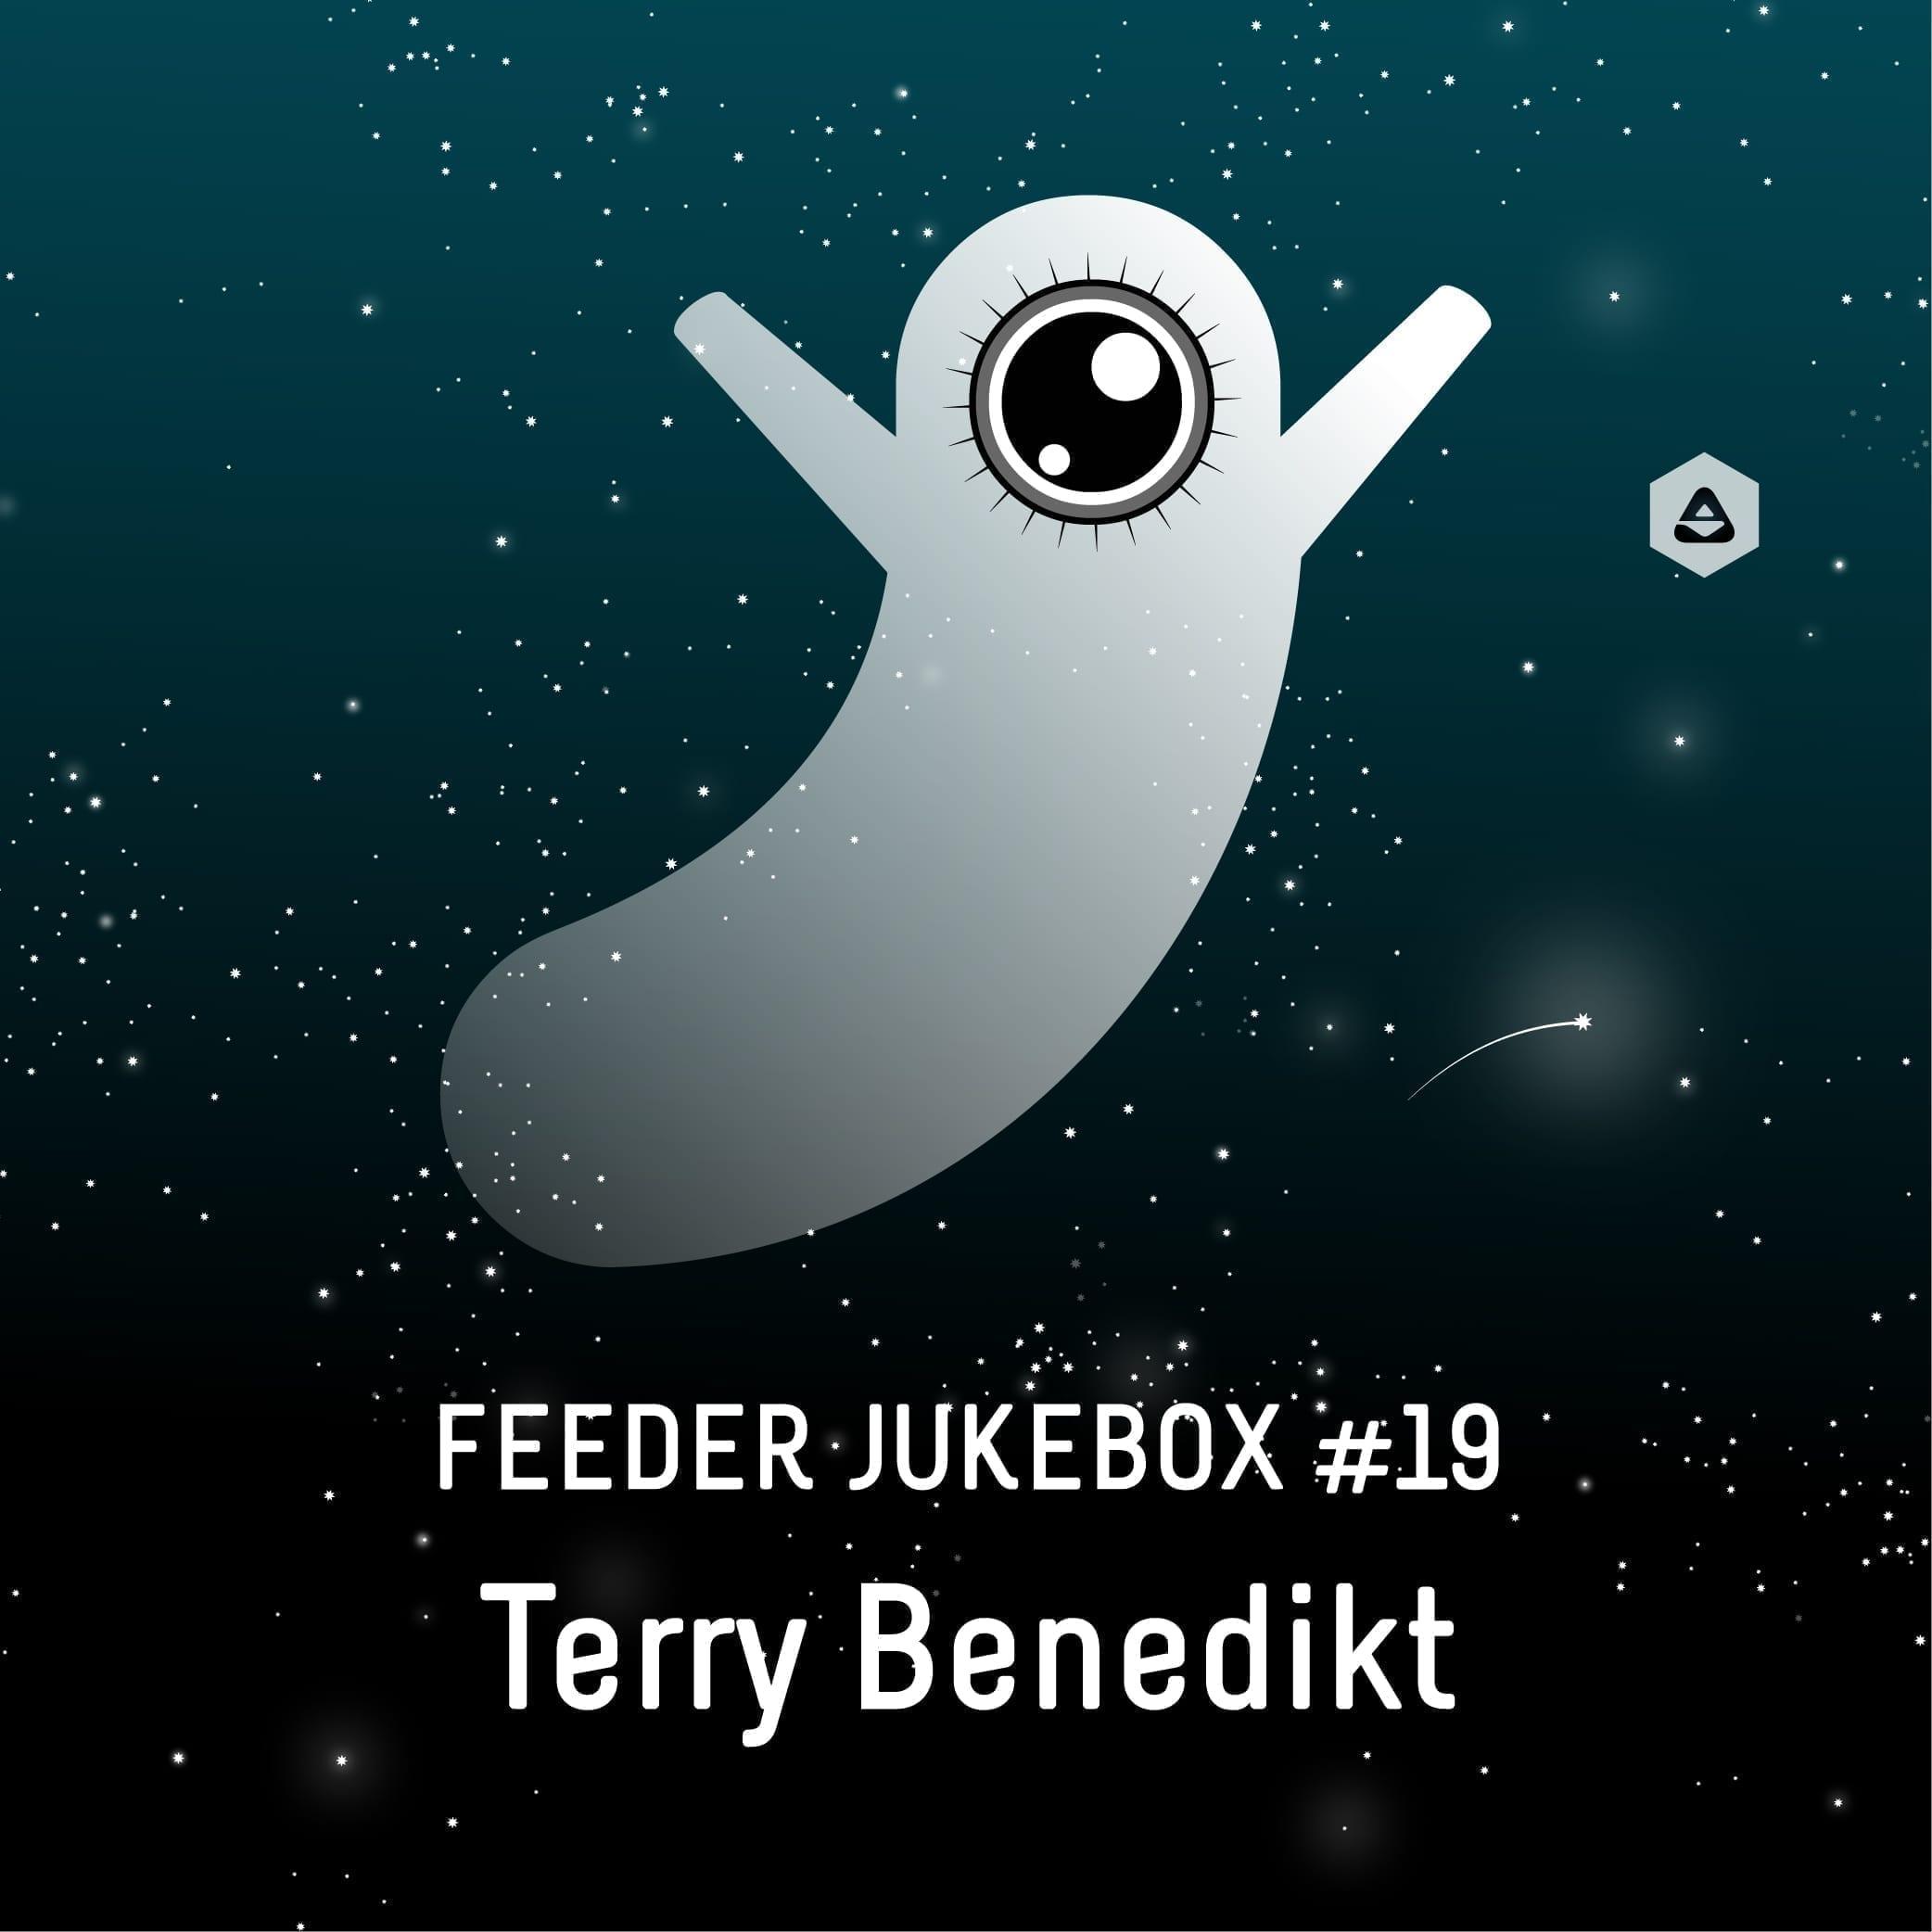 feeder jukebox #19 selected by Terry Benedikt